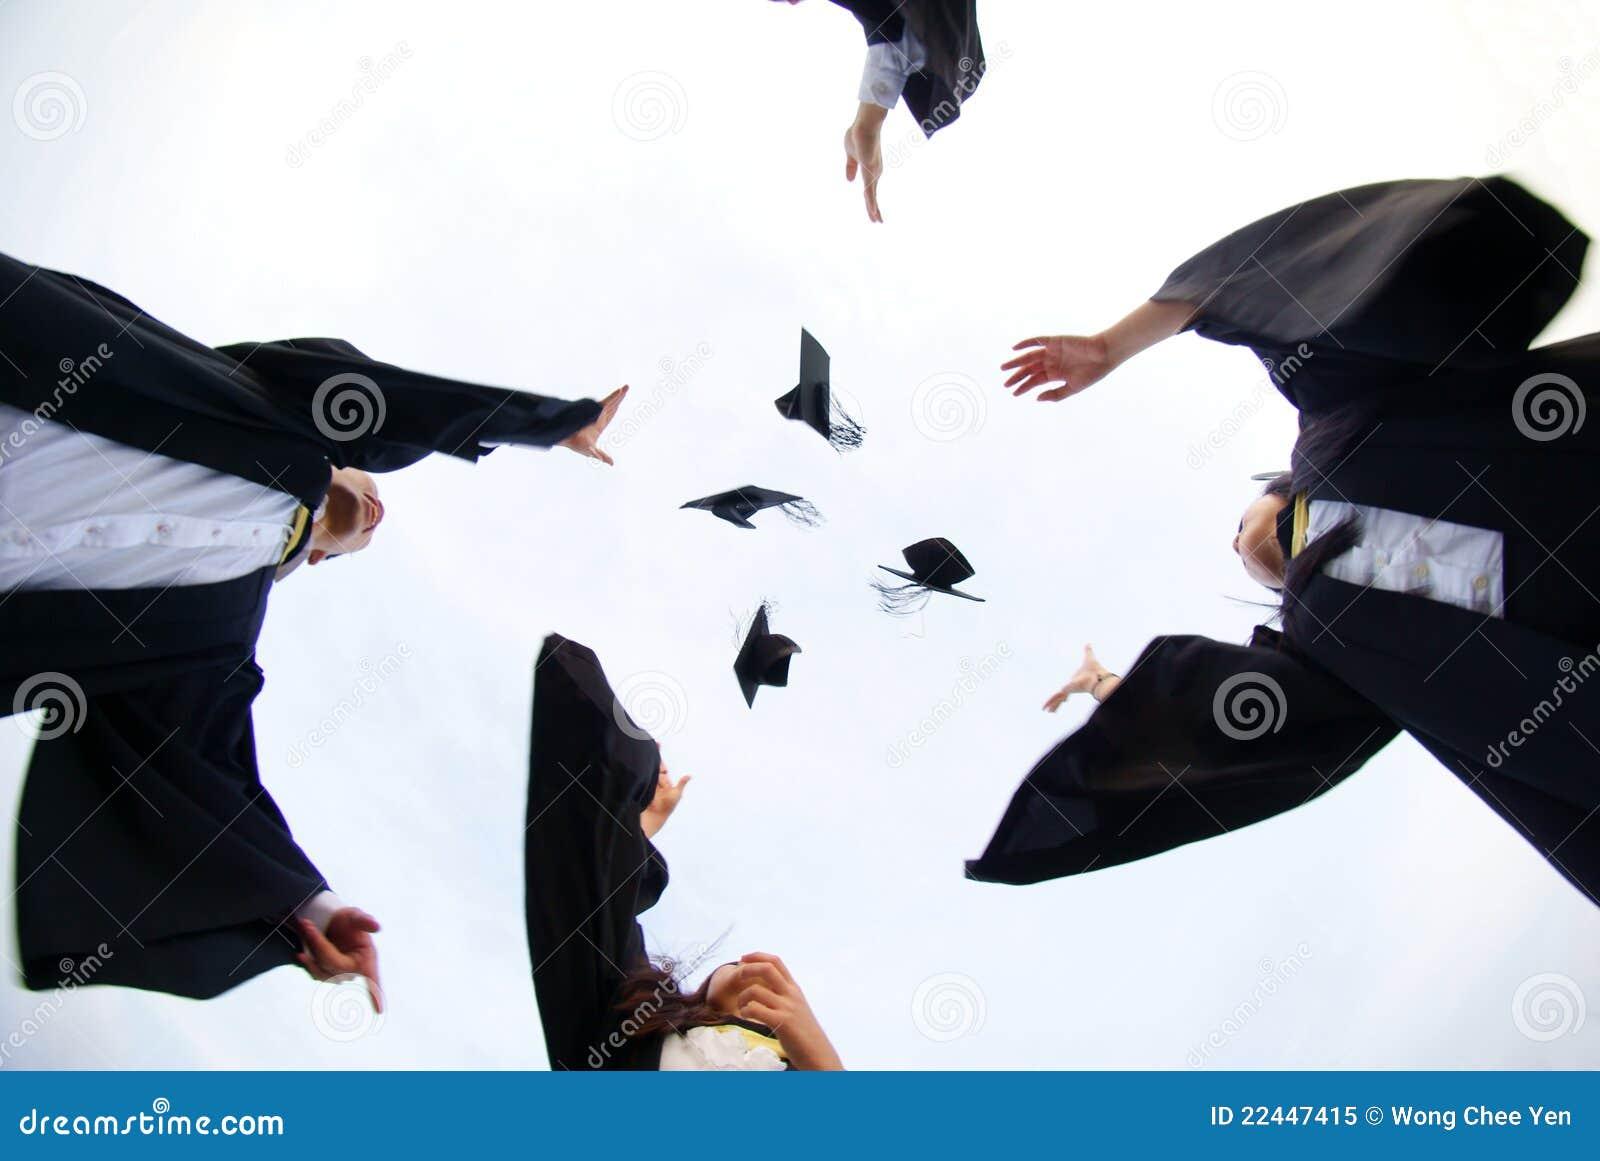 Avlägger examen lyckligt kasta för hattar